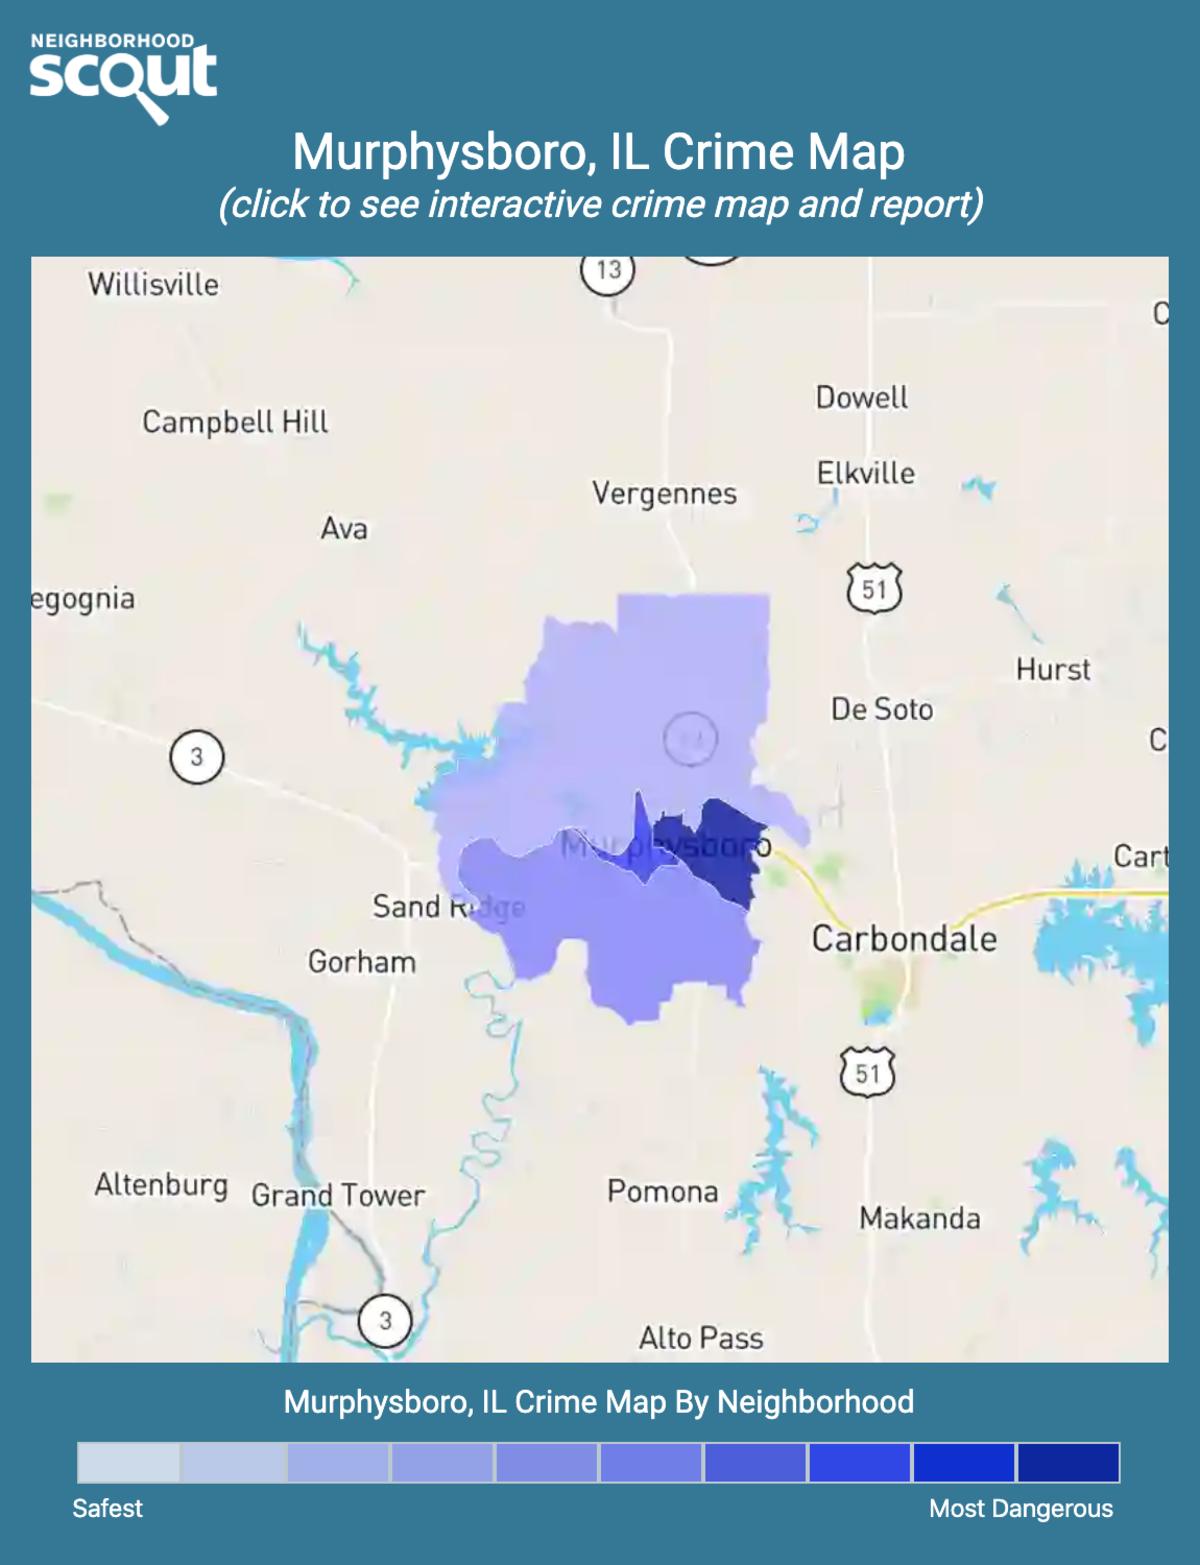 Murphysboro, Illinois crime map